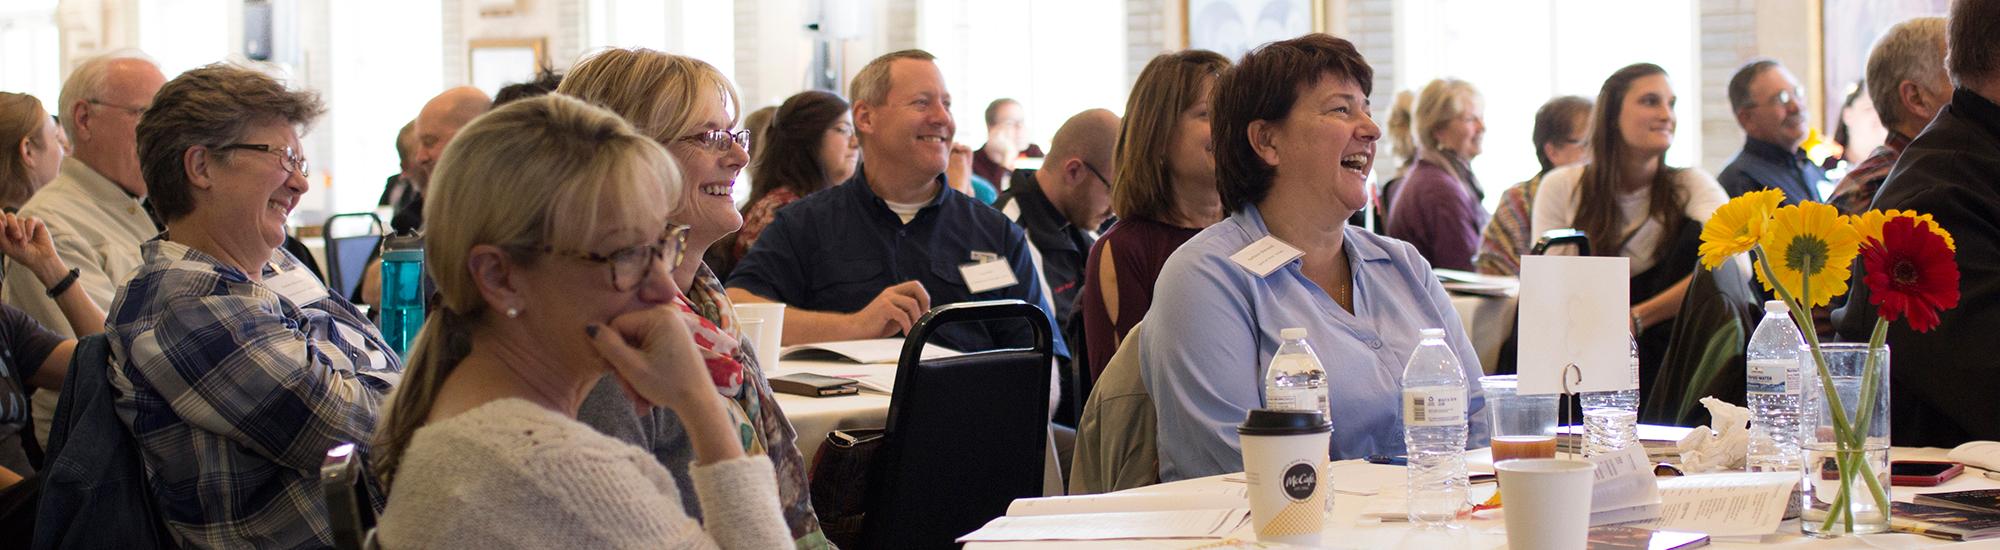 Conference Registration -